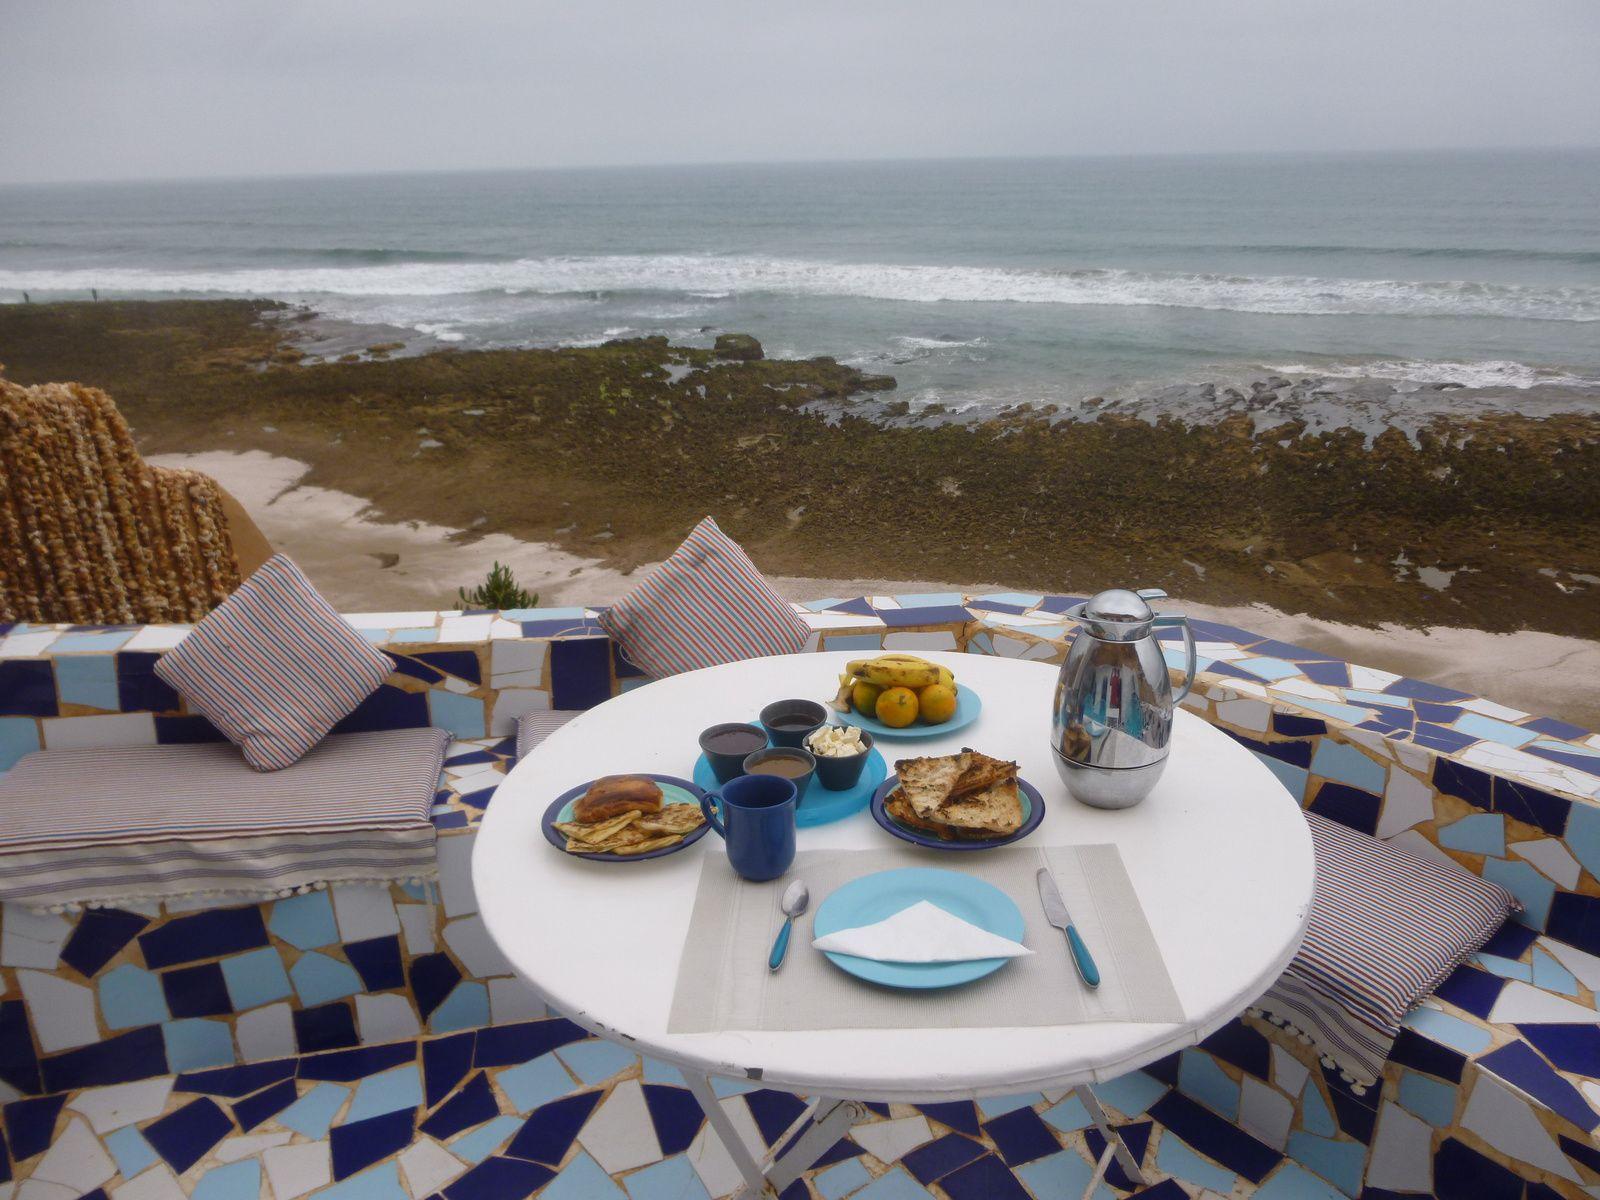 le petit déjeuner face au monde. un des moments merveilleux.